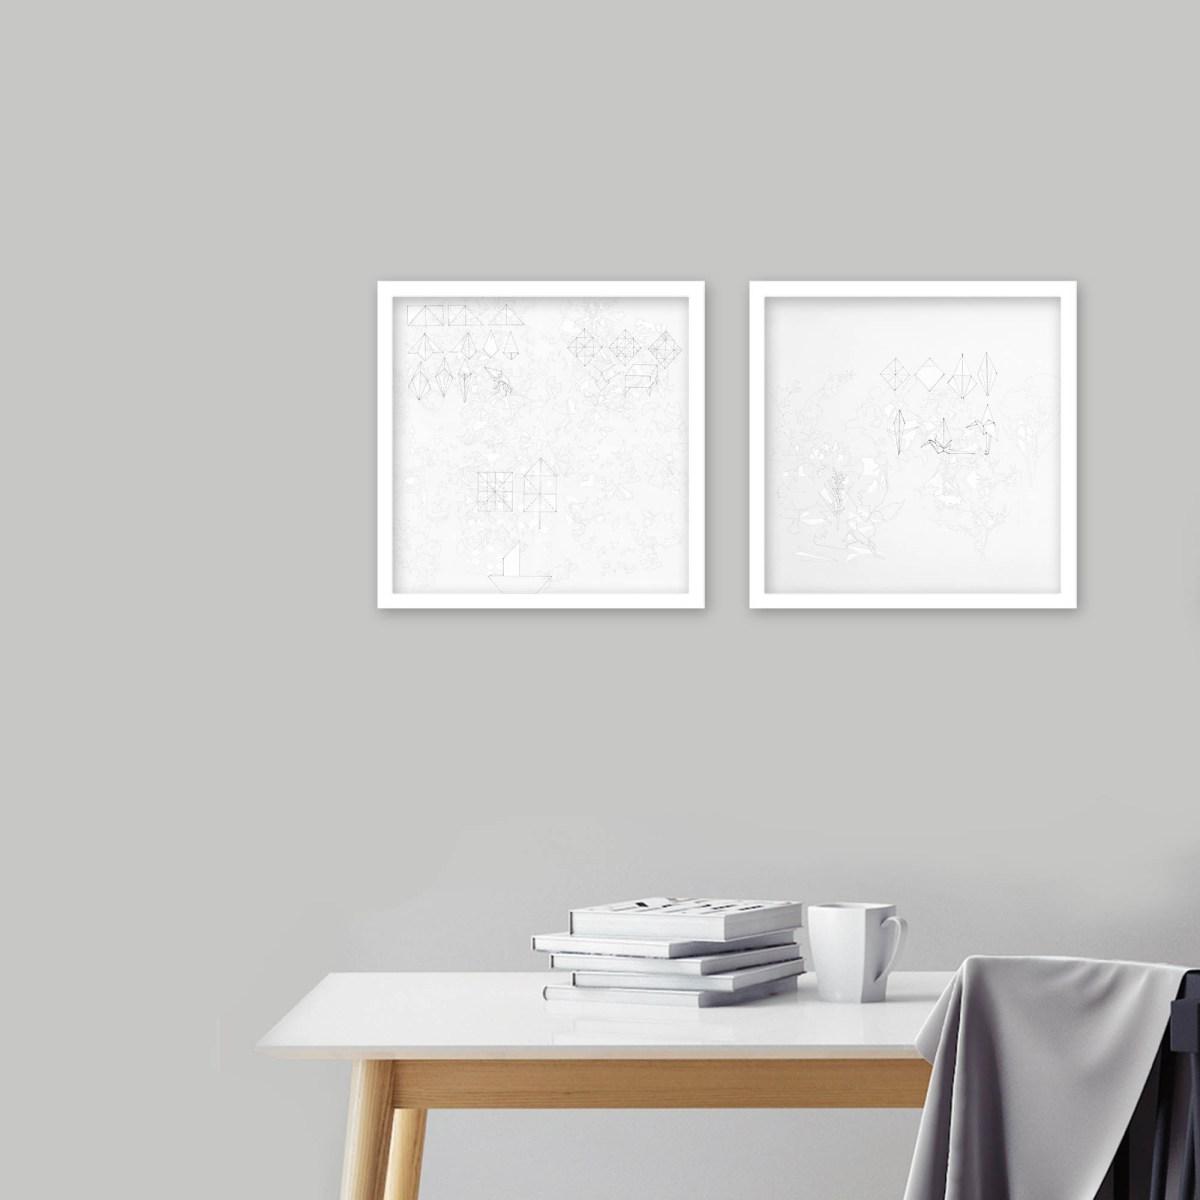 Montaje de 2 obras del reverso de la artista María Campiglia